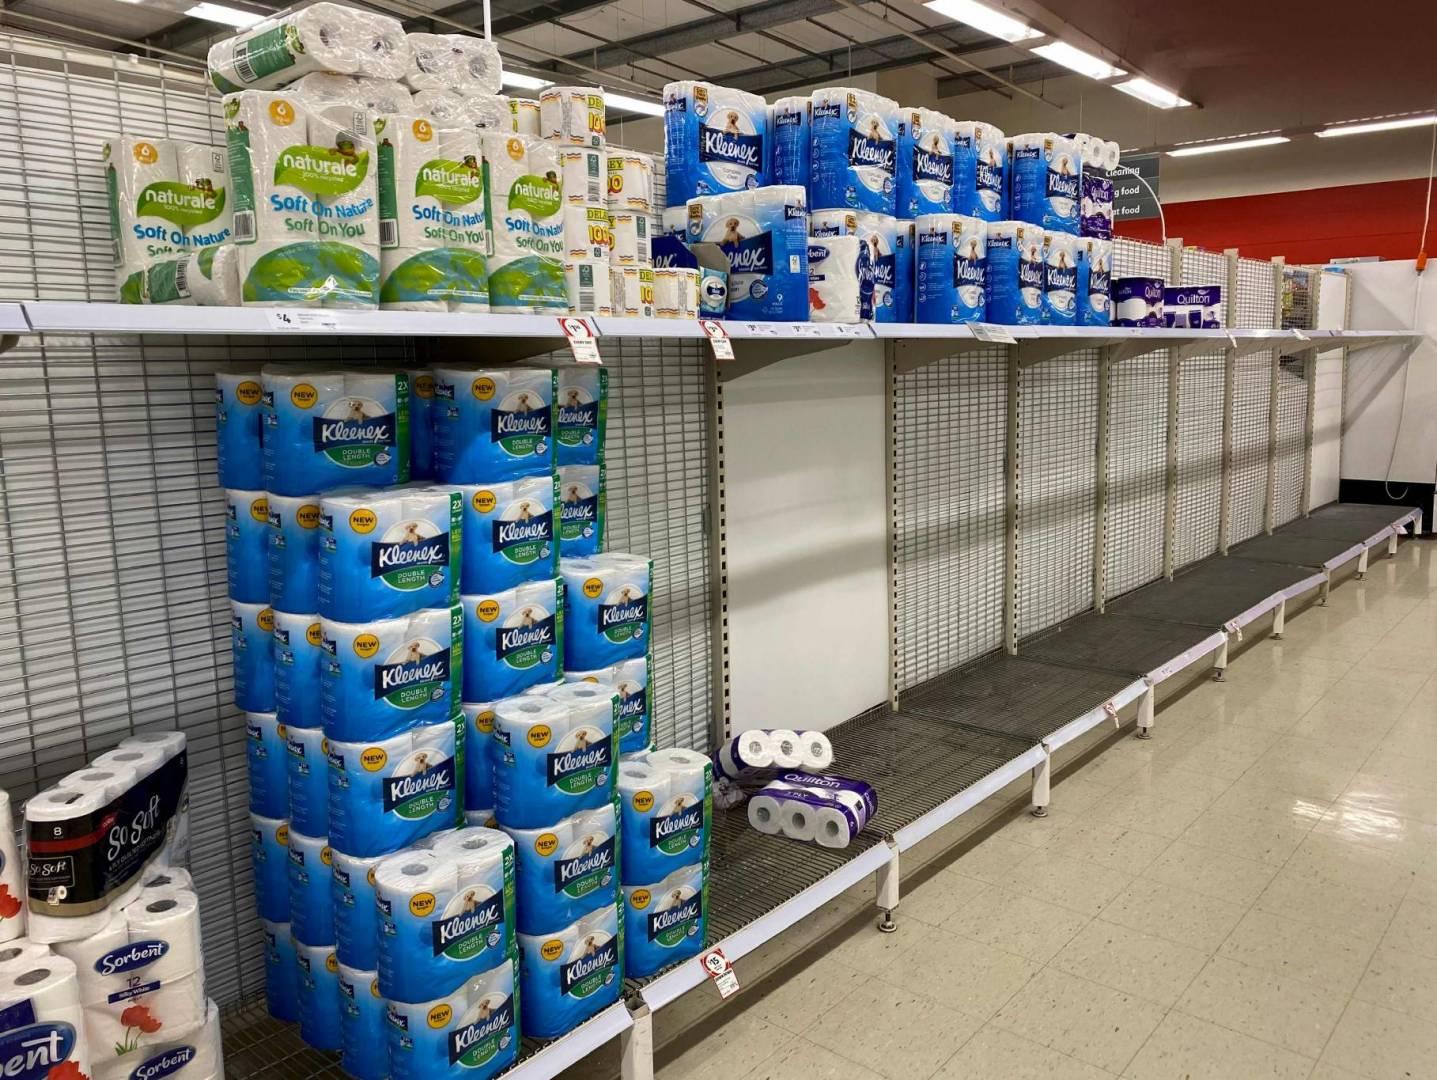 متاجر السوبر ماركت في أستراليا تفرض قيوداً على شراء ورق المراحيض